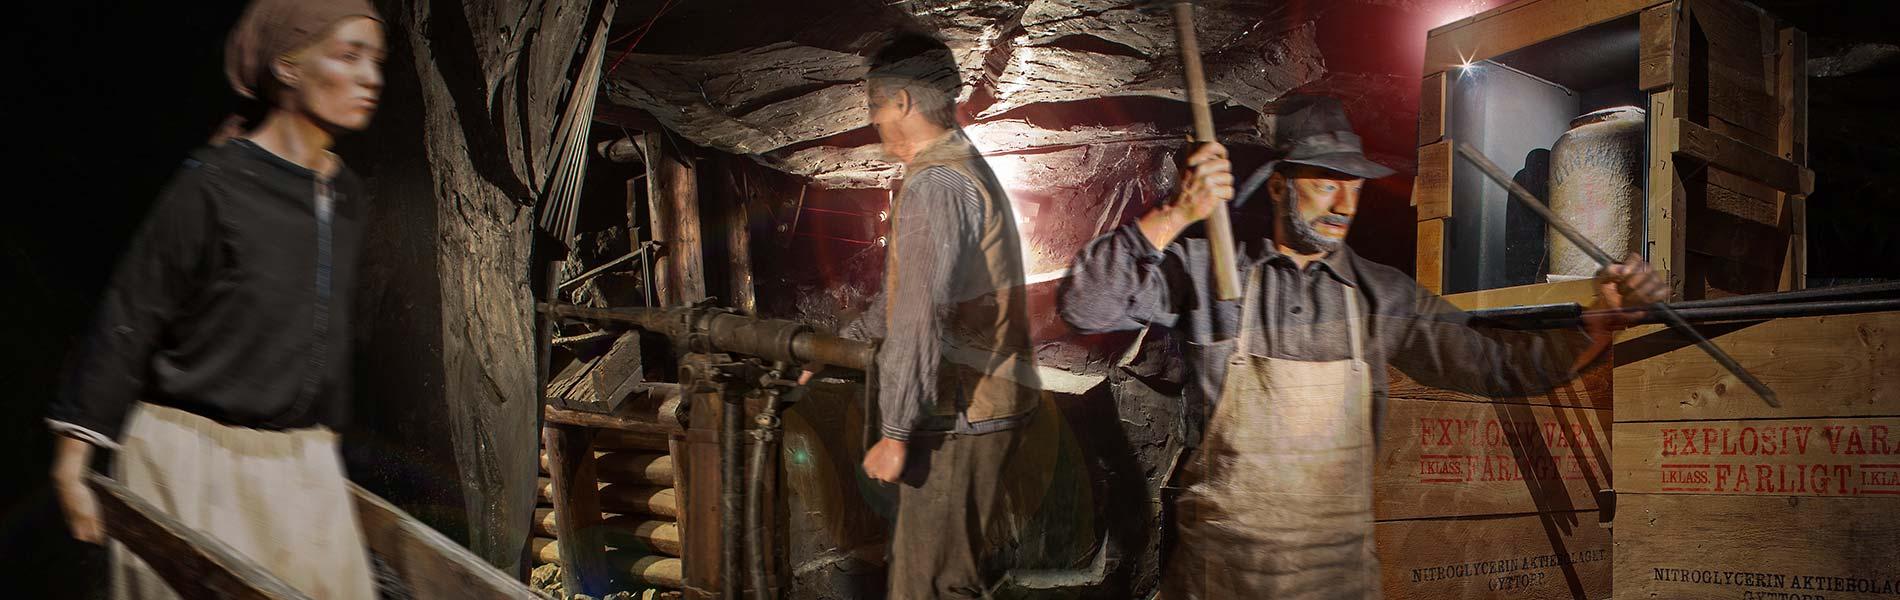 Dockor med gamla verktyg i gruvmiljö från förra sekelskiftet